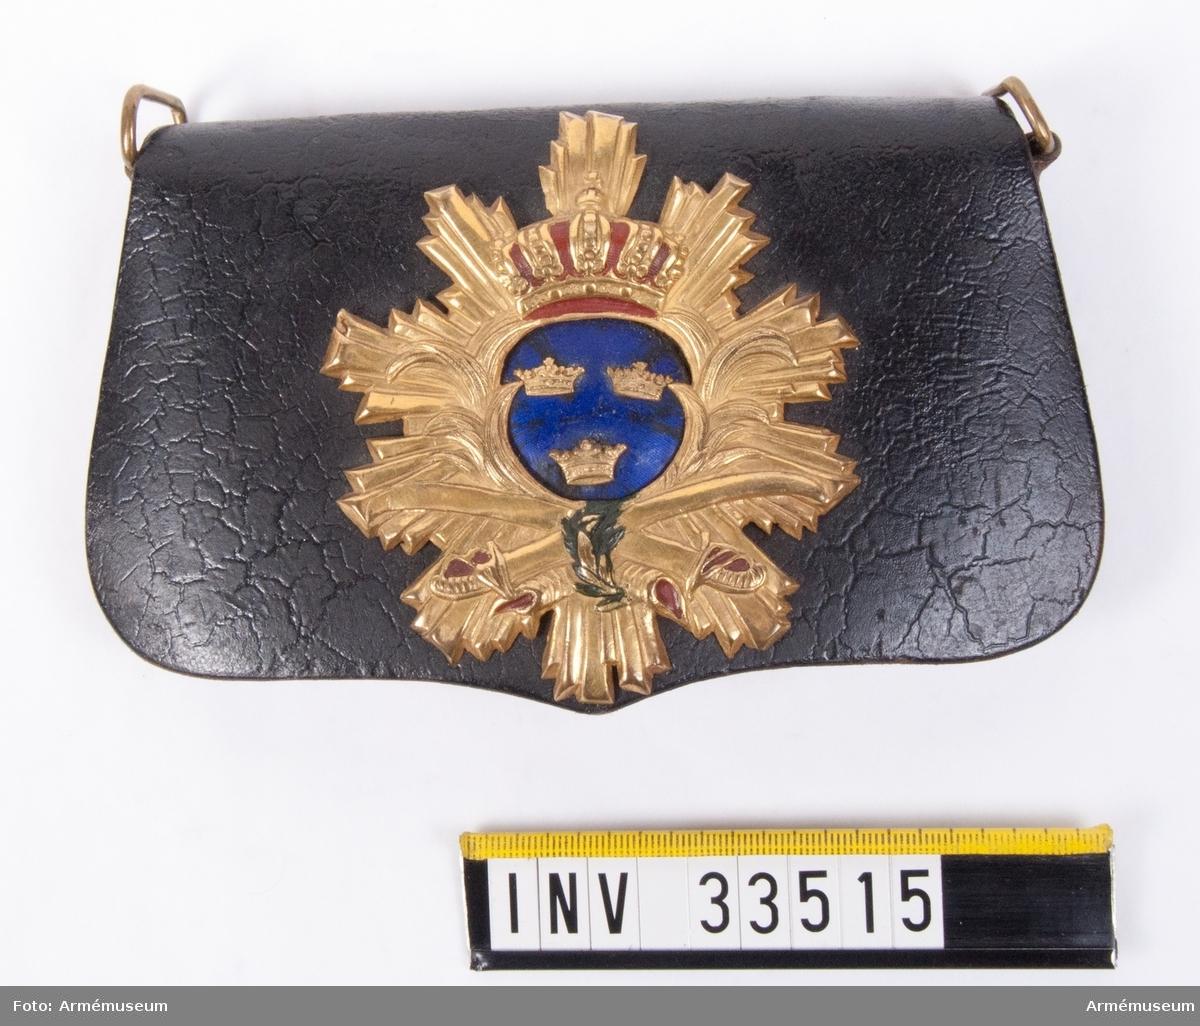 Grupp C I. Uniform, för officer till exercis och daglig tjänstgöring, som har tillhört H Palmstierna åren 1880-81. Kartusch med rem ägde H.P. 1840-1885. Friherre Liljencrantz var tidigare löjtnant vid Husarcorpsen.